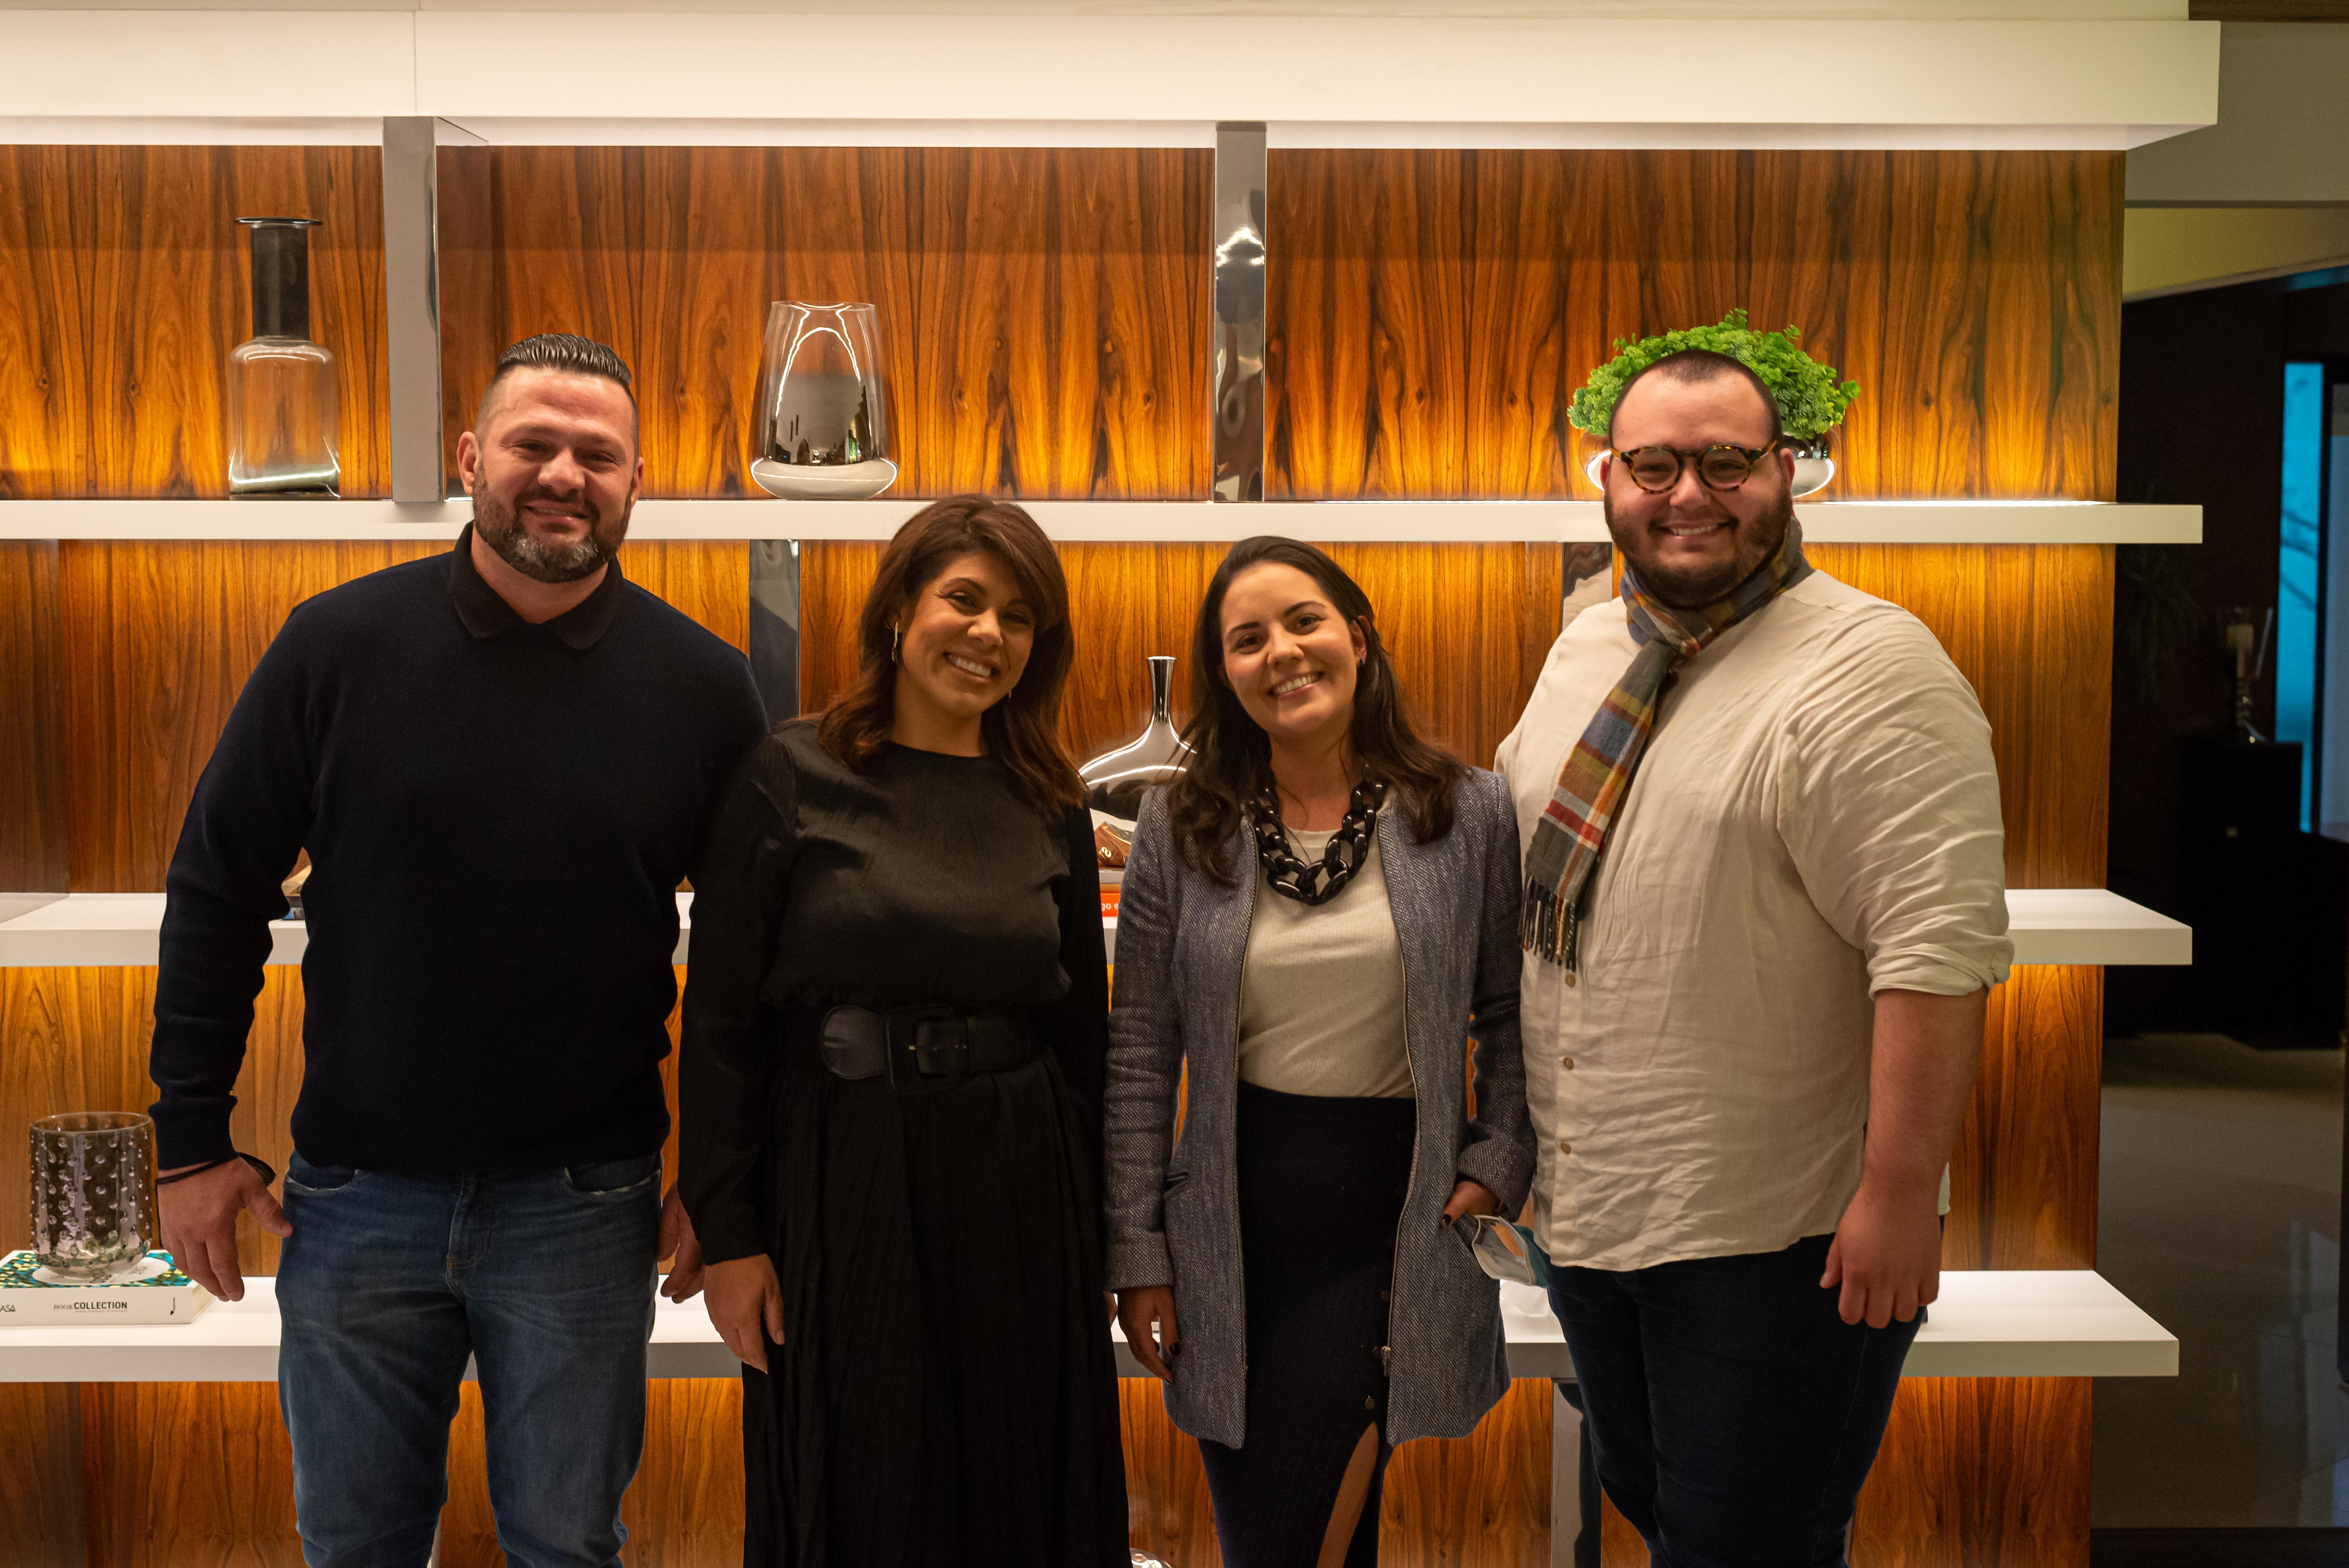 Os sócios da Mobitec, Jefferson Buture e Patrícia Miranda, Maiara Faria, e o editor de HAUS, Luan Galani.